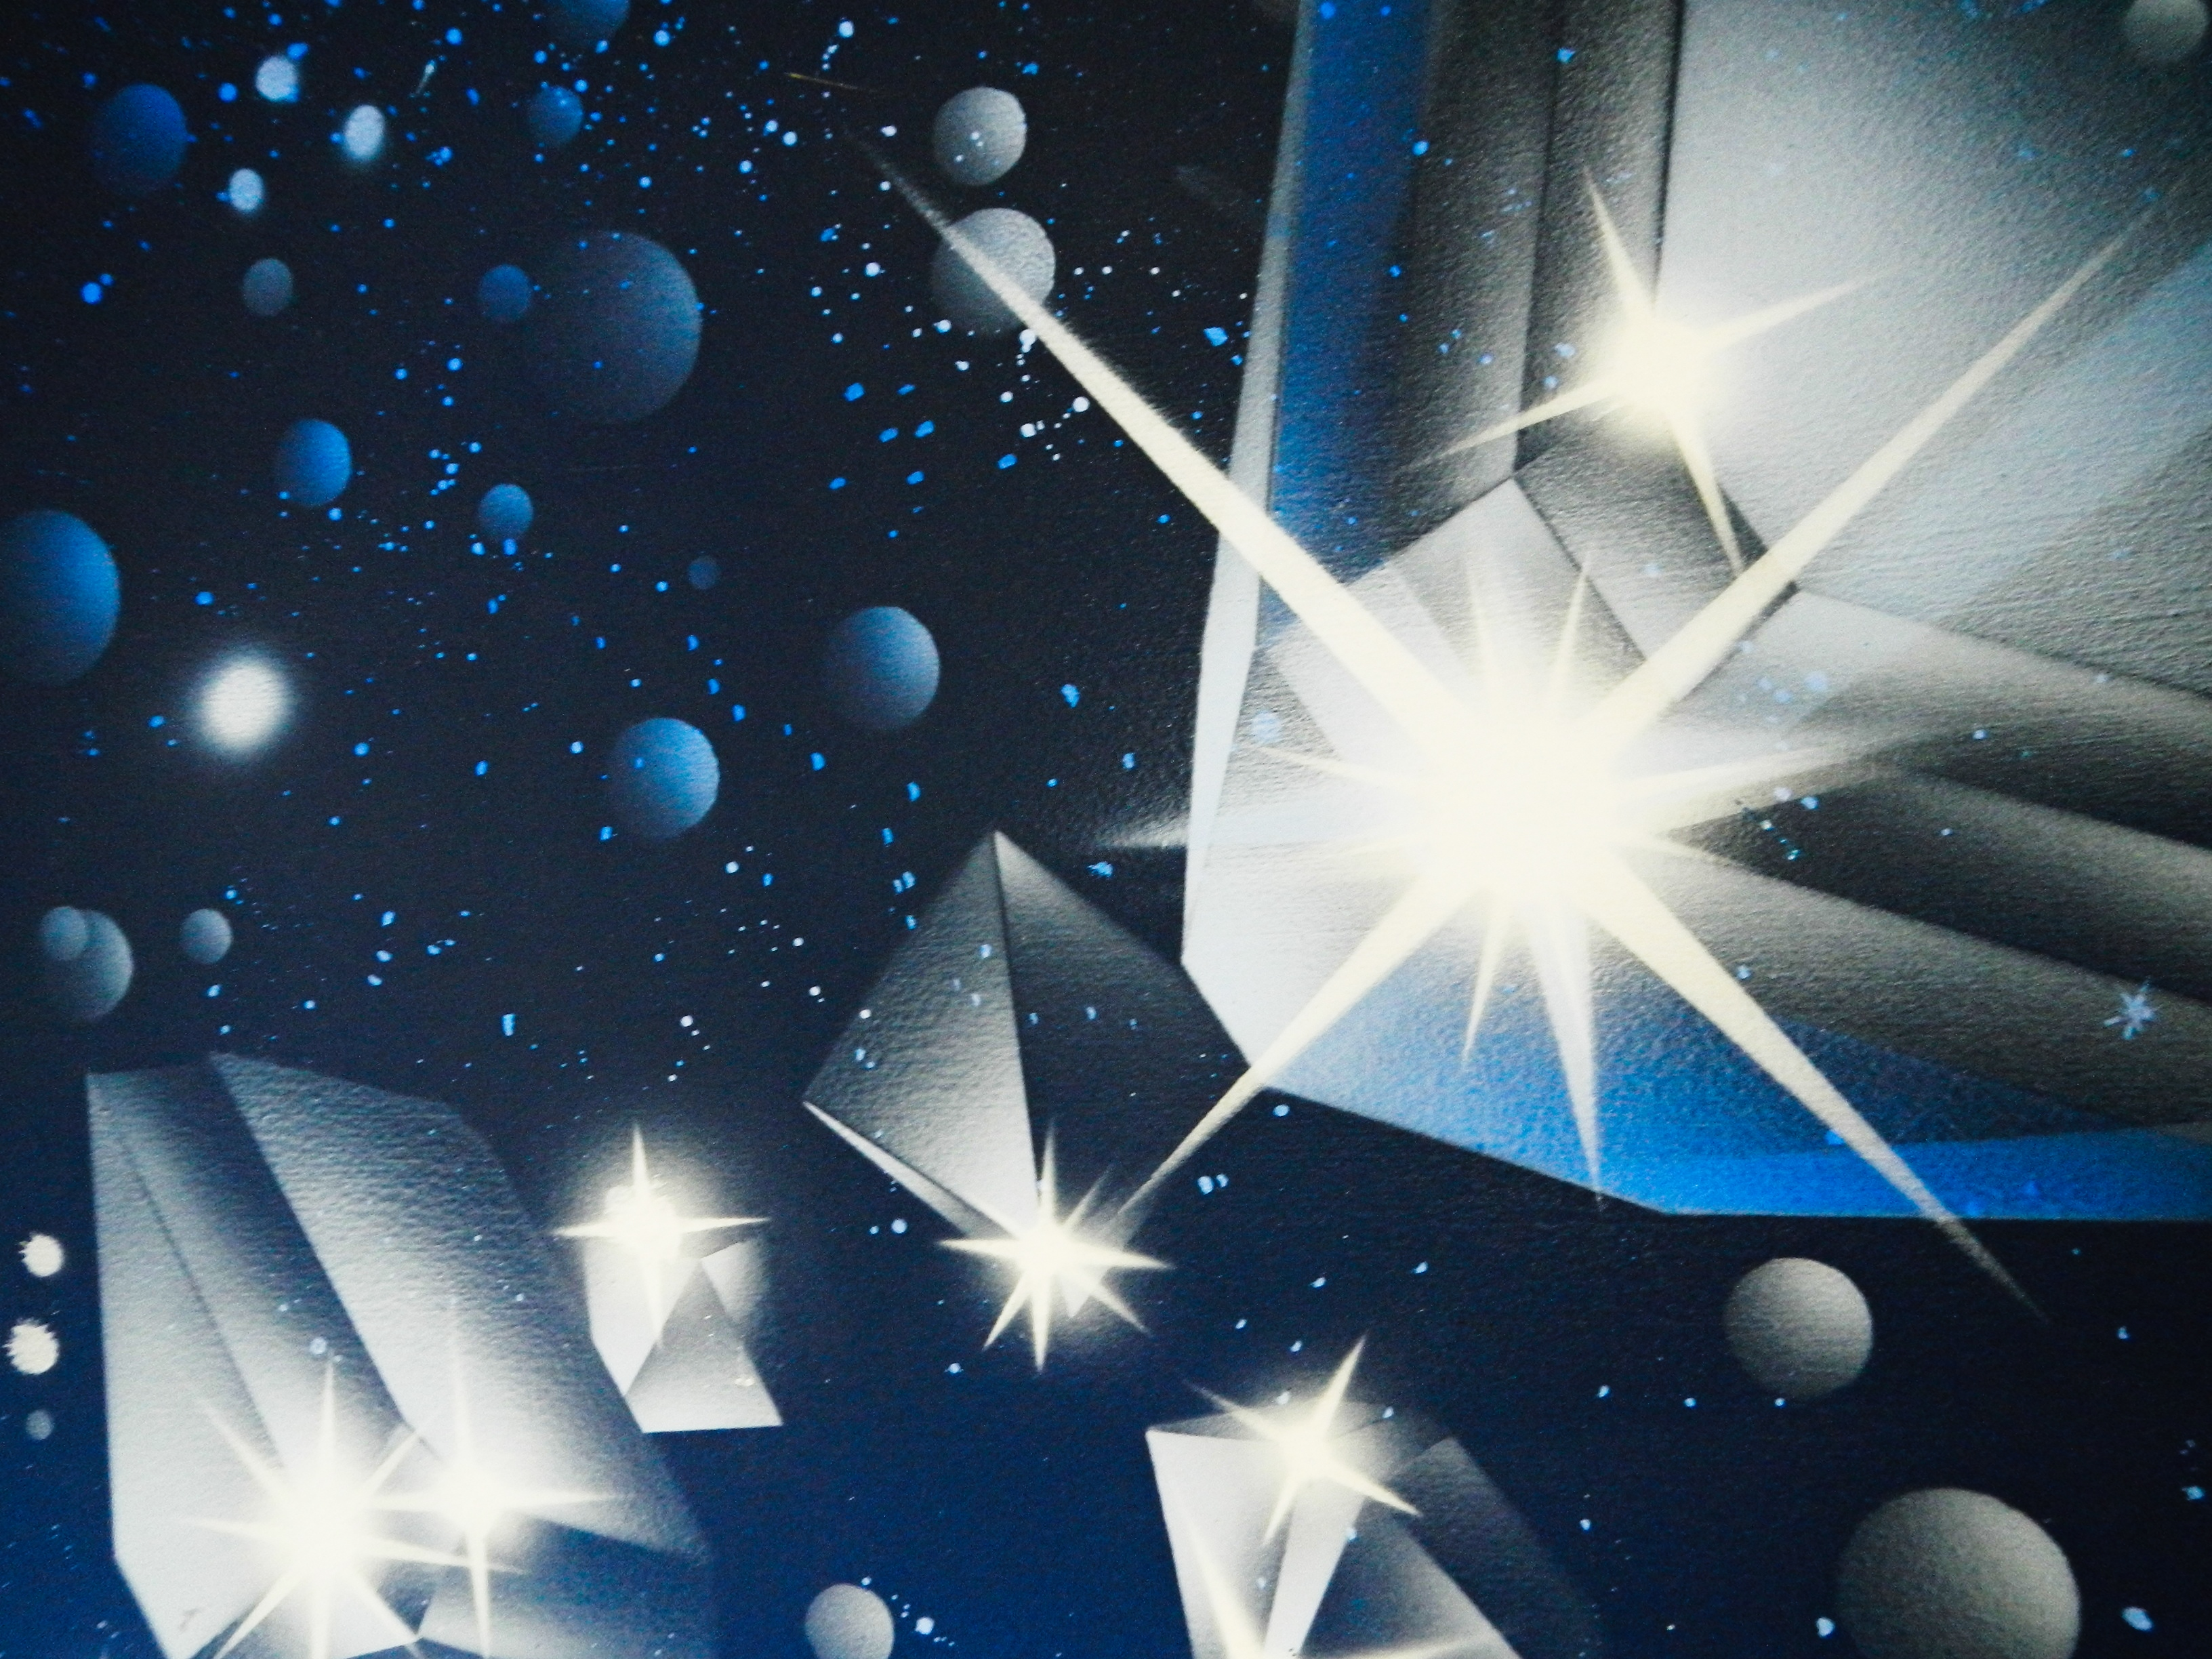 Plompen Willy - Juwelen in de ruimte - detail